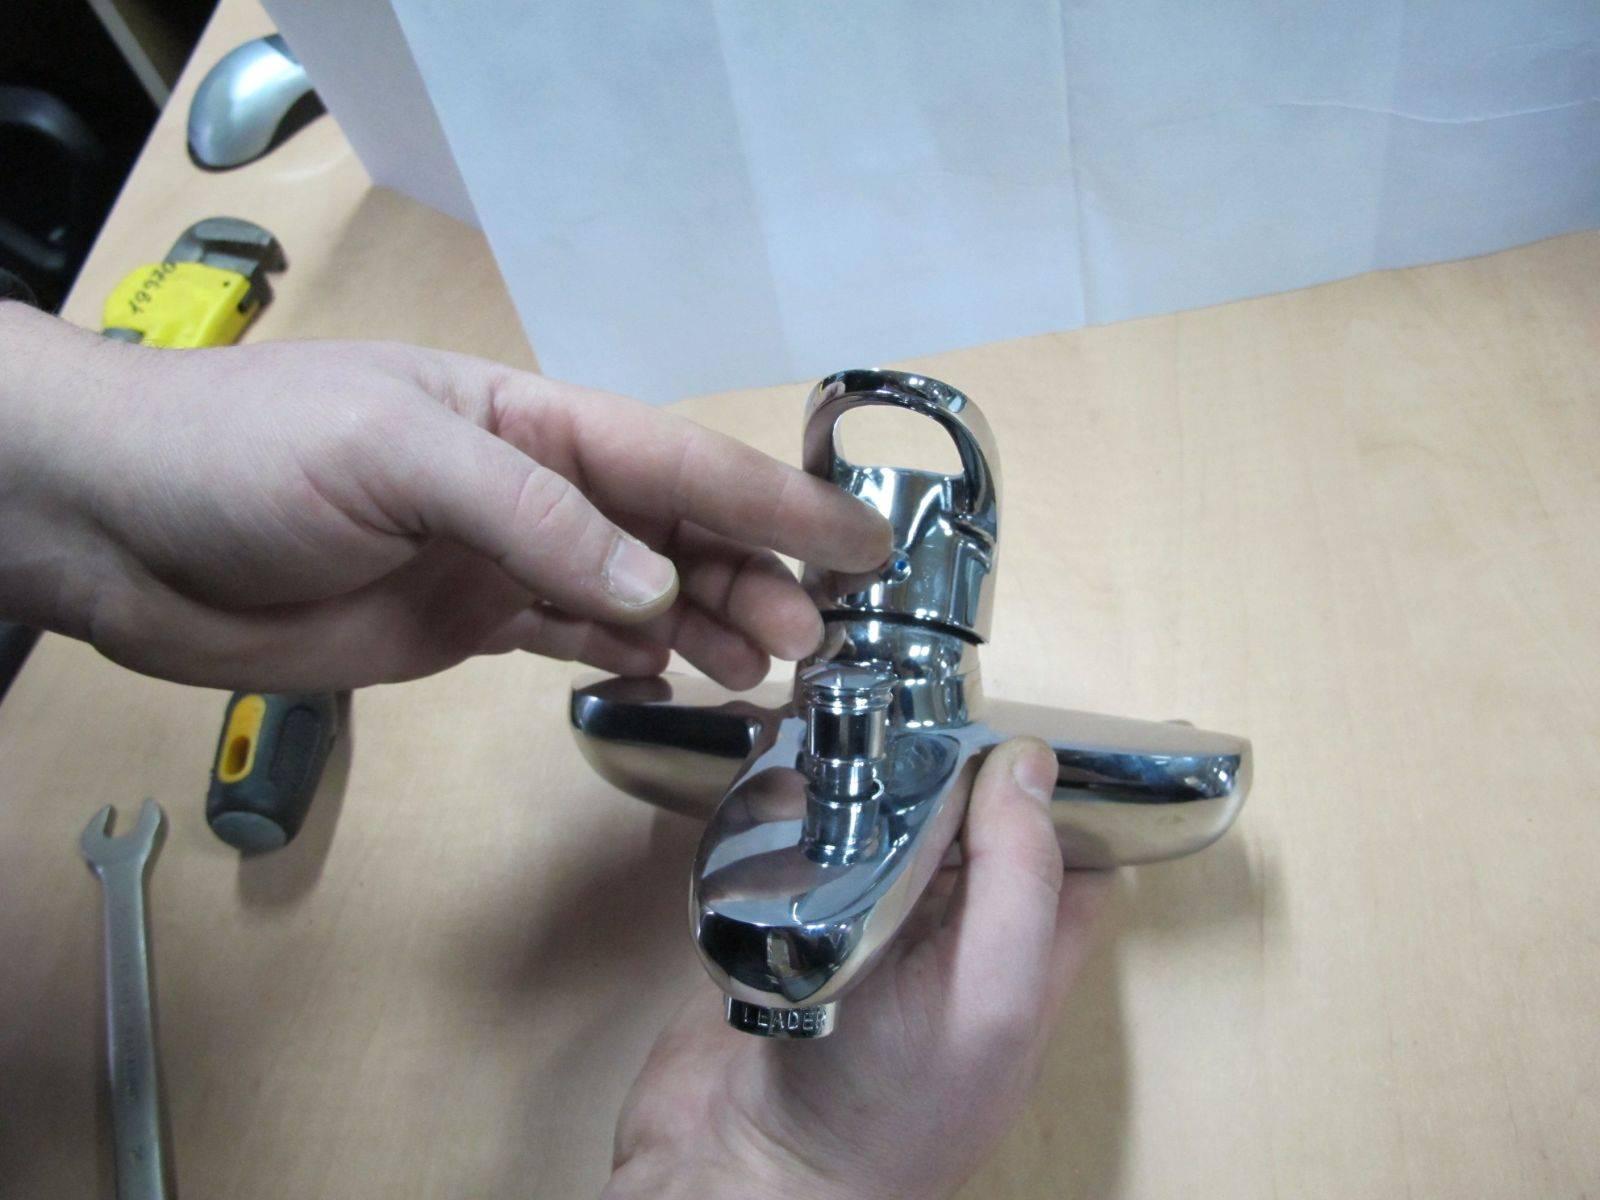 Как разобрать и отремонтировать однорычажный шаровой смеситель: видео - как в ванной разобрать однорычажный кран